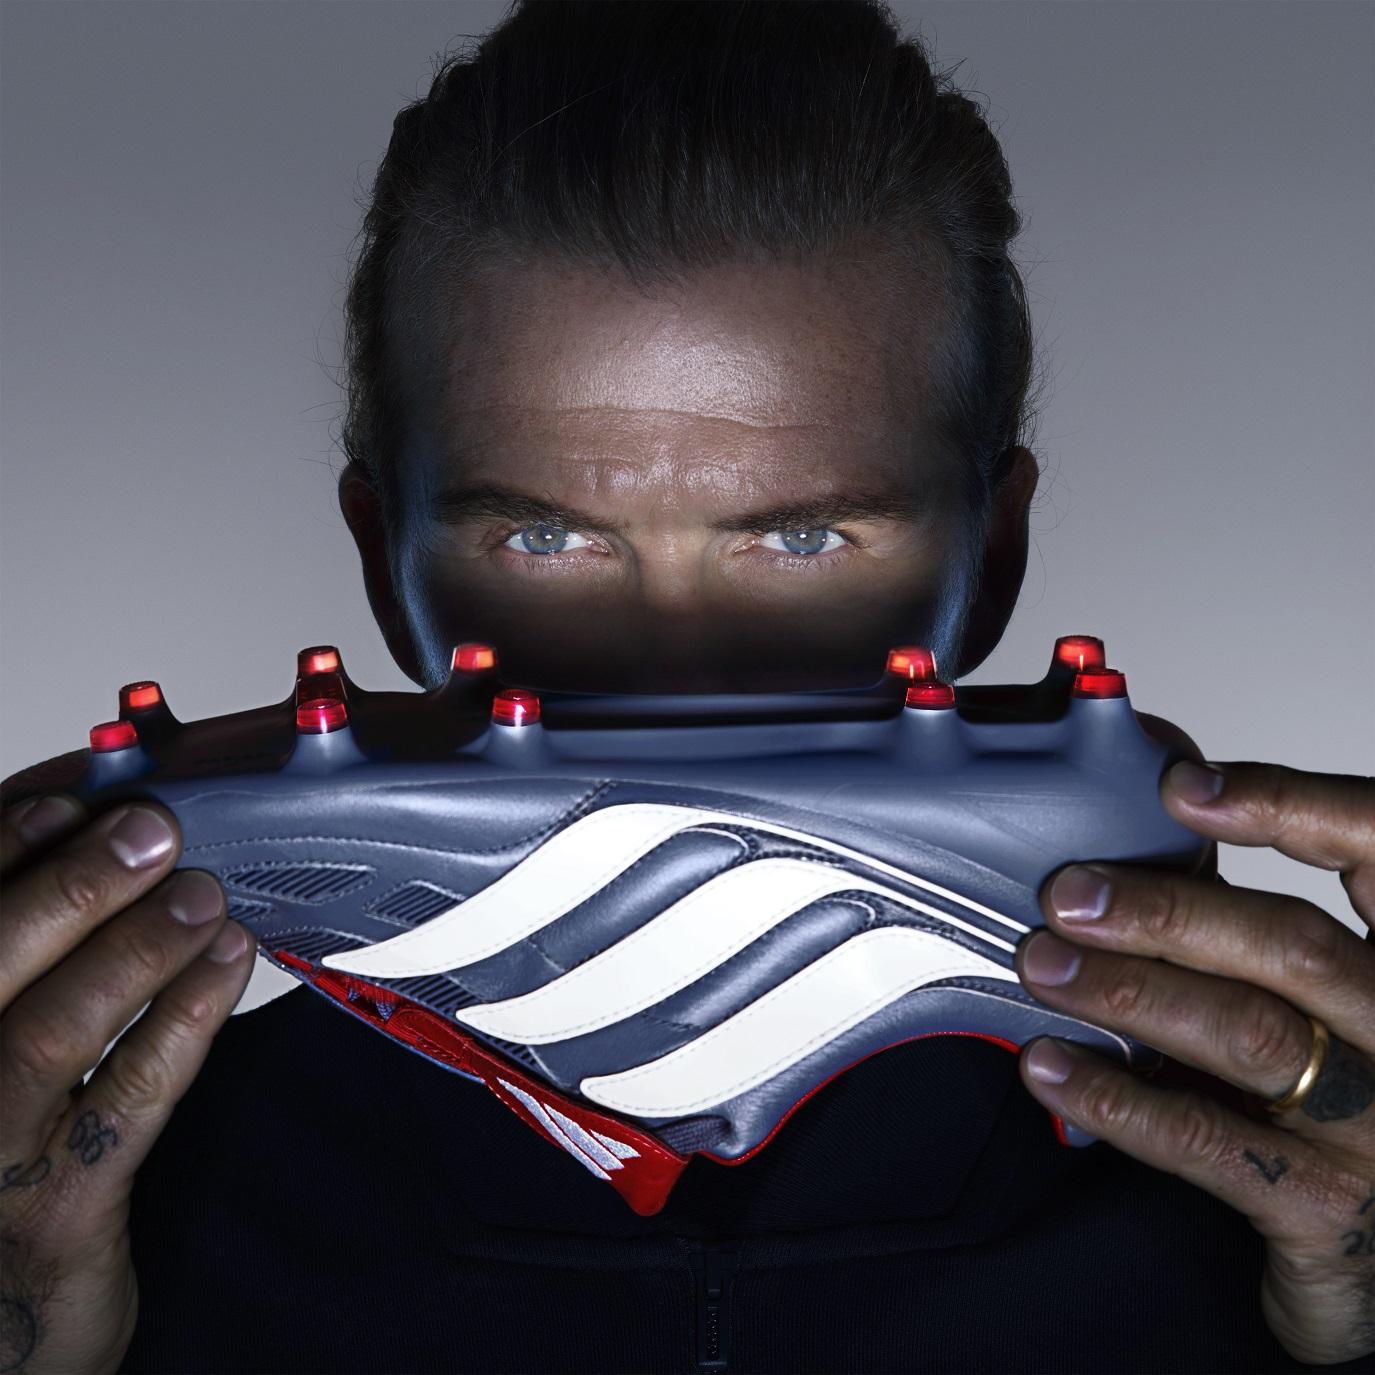 Adidas lança versão remodelada de chuteira usada por Zidane e Beckham 97f268a6f24bc